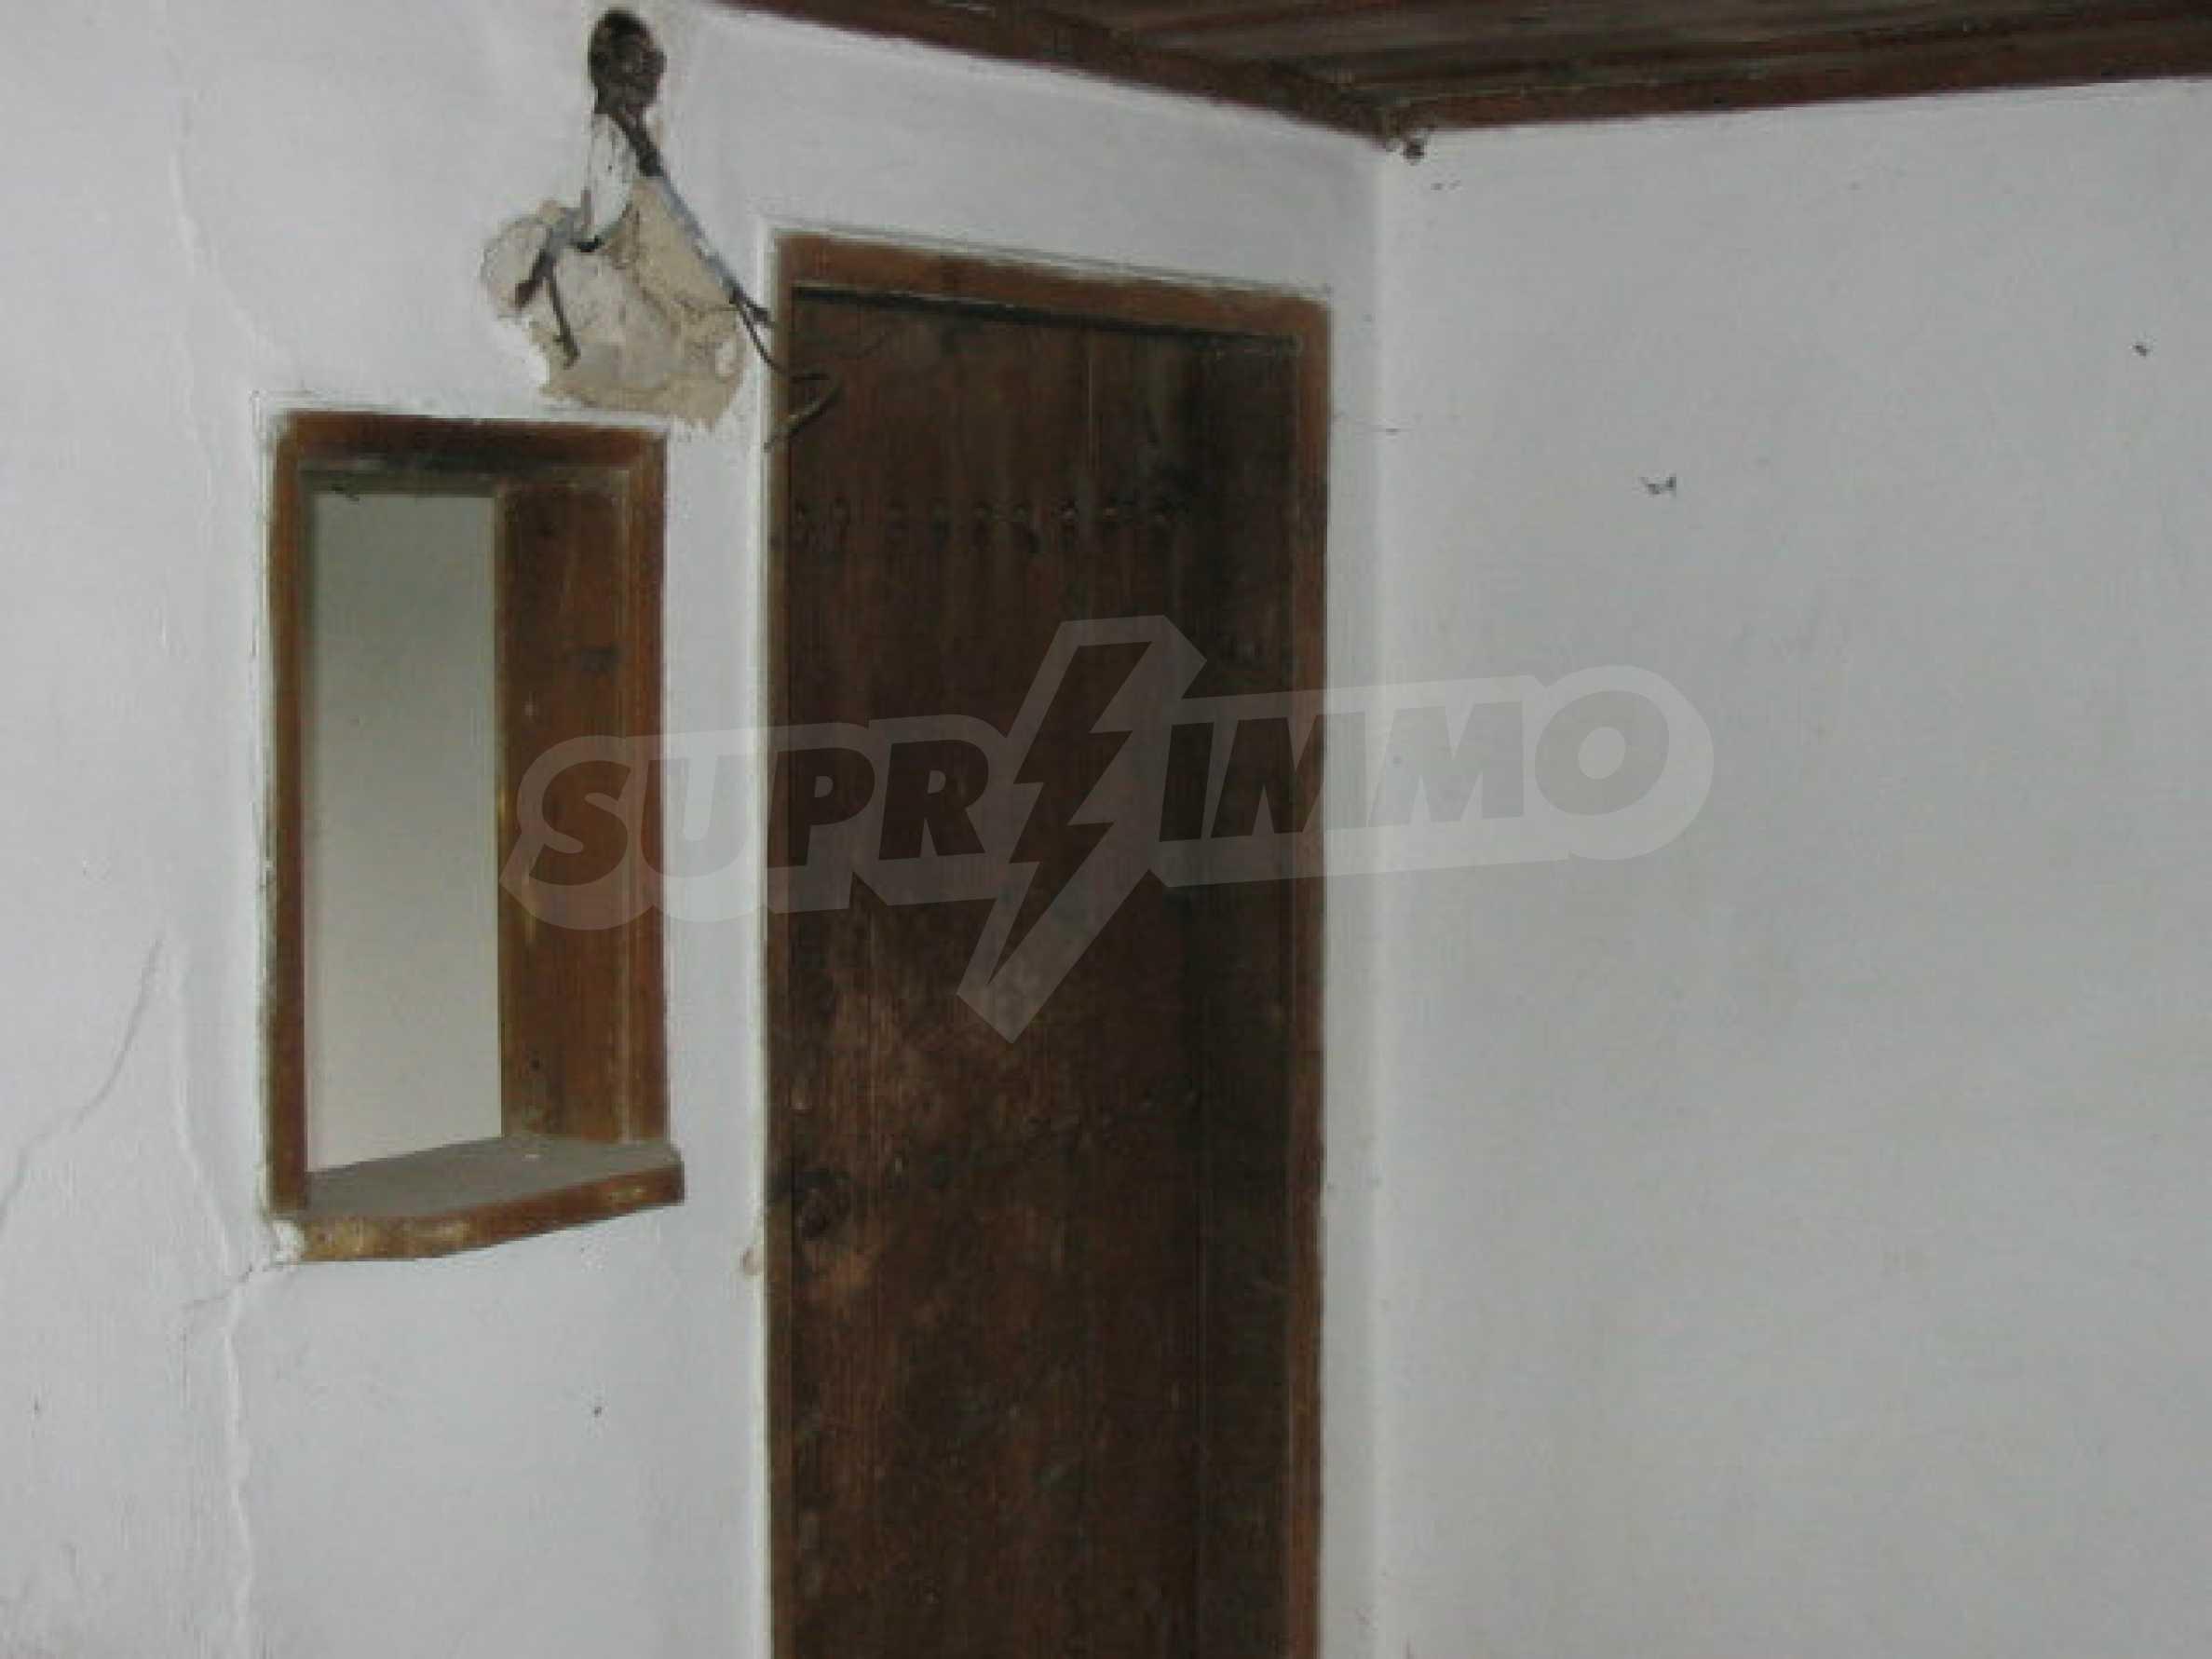 Двухэатжный дом, выстроенный в традиционном болгарском стиле 1